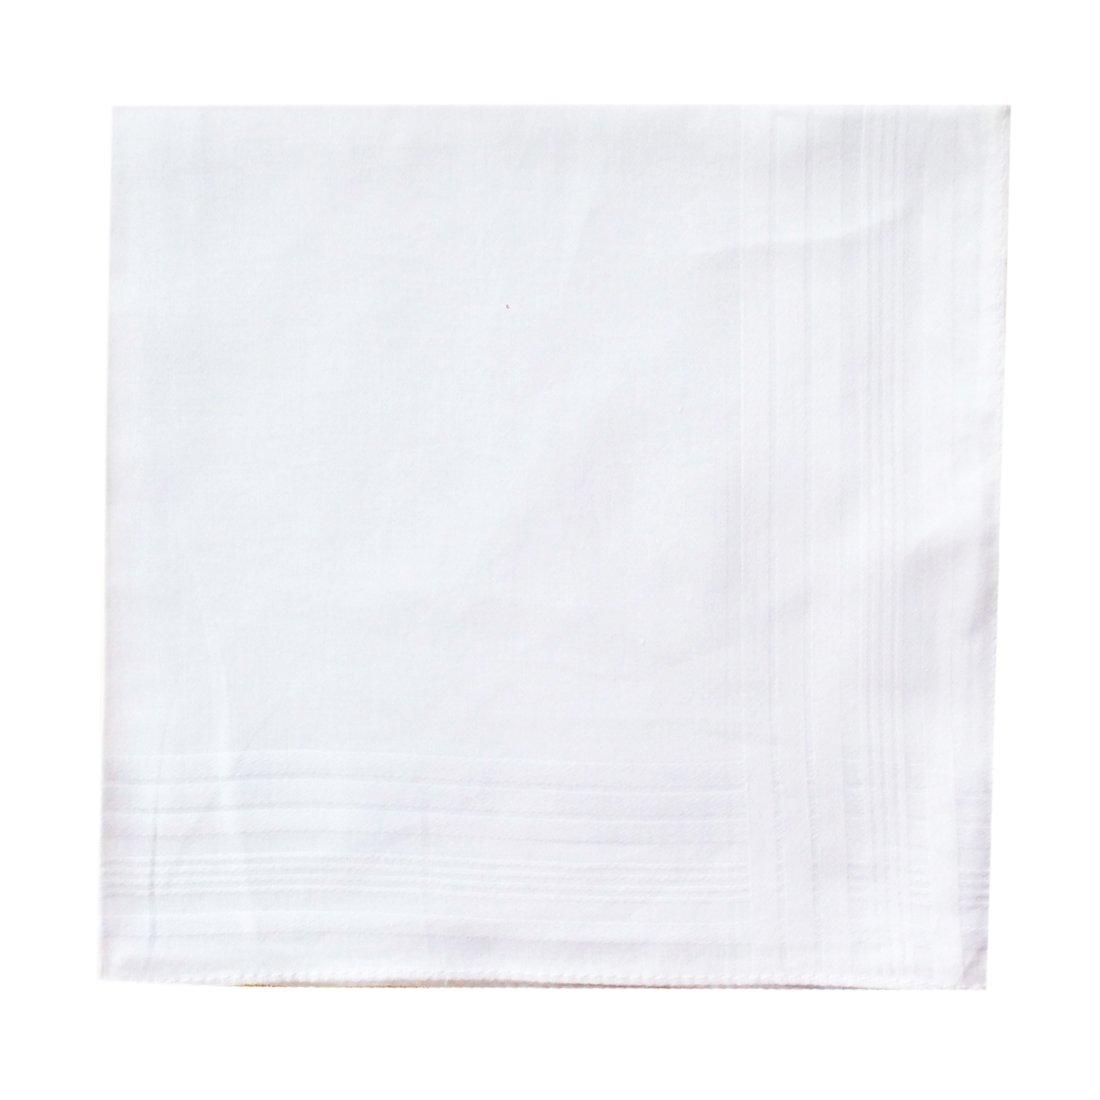 LACS Men's Solid White Cotton Handkerchiefs Pack by LACS Handkerchiefs (Image #2)